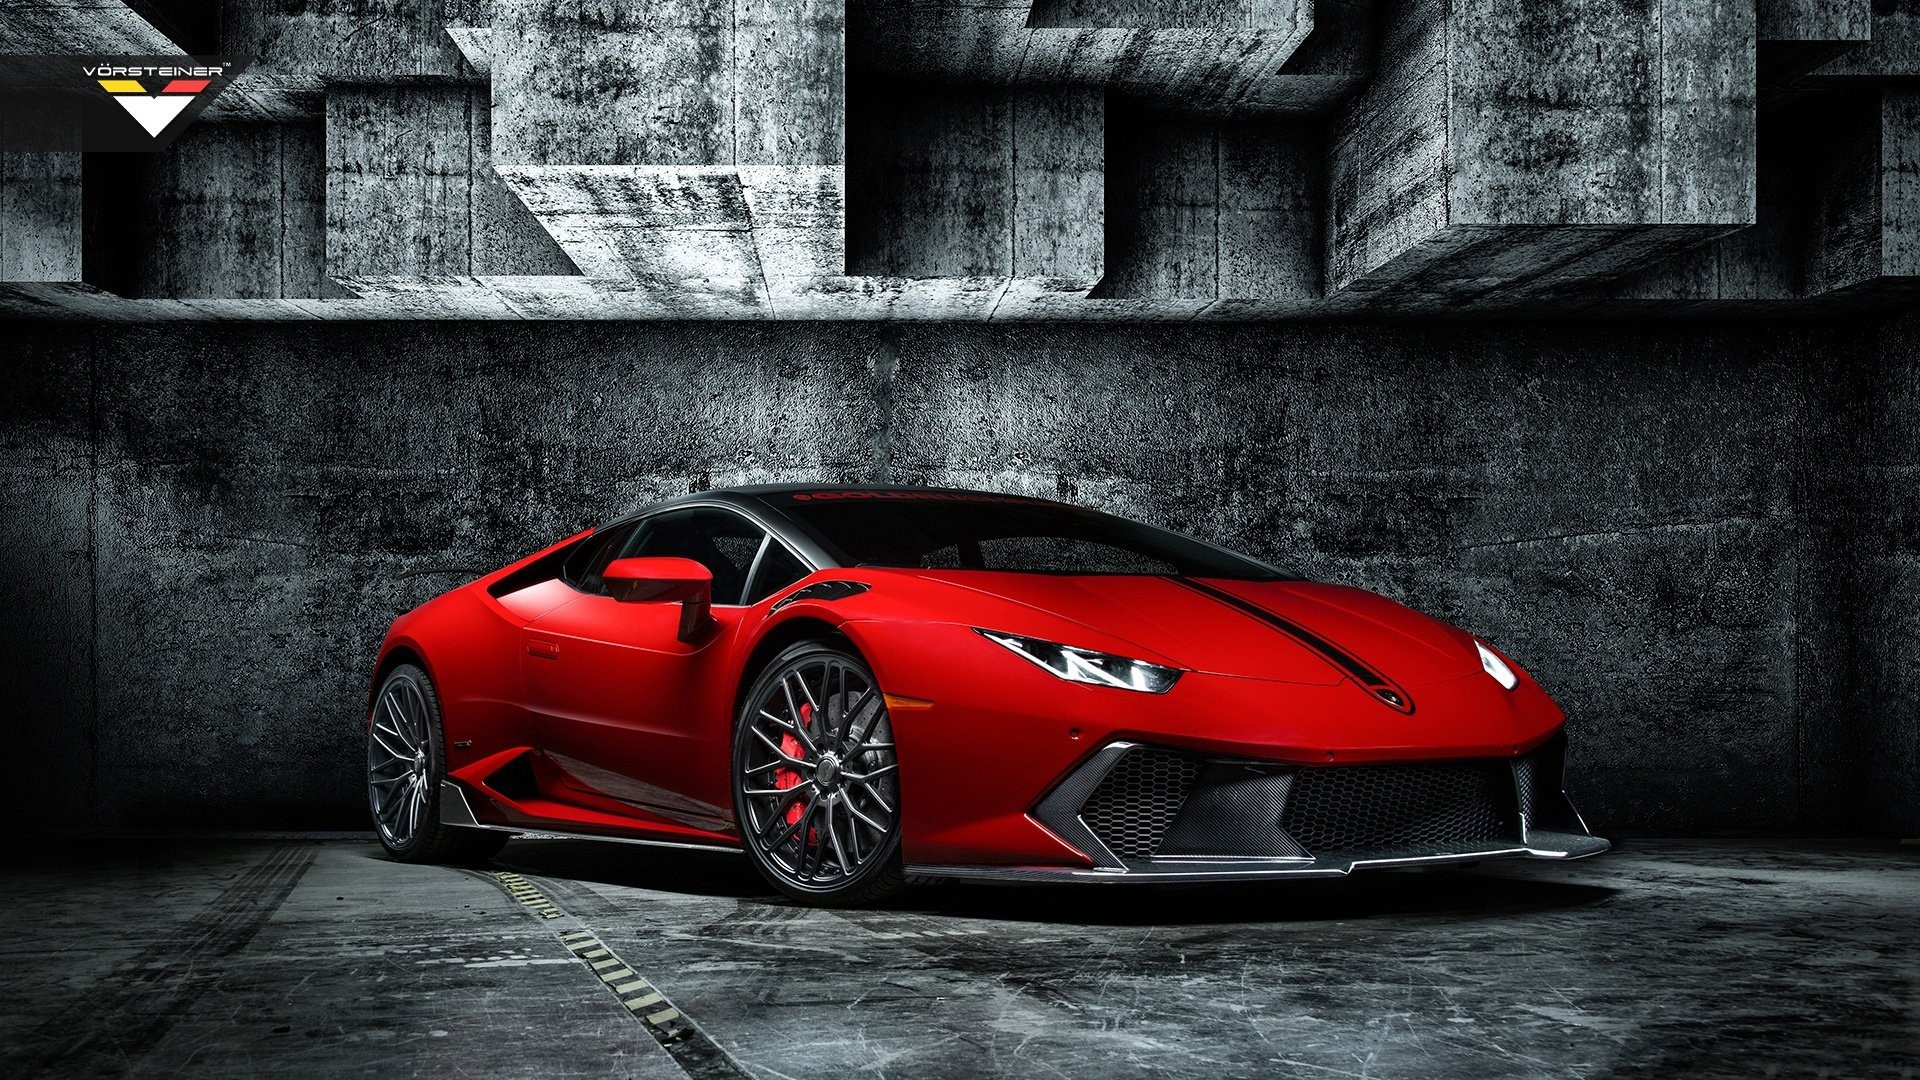 Best Images Of Lamborghini Huracan